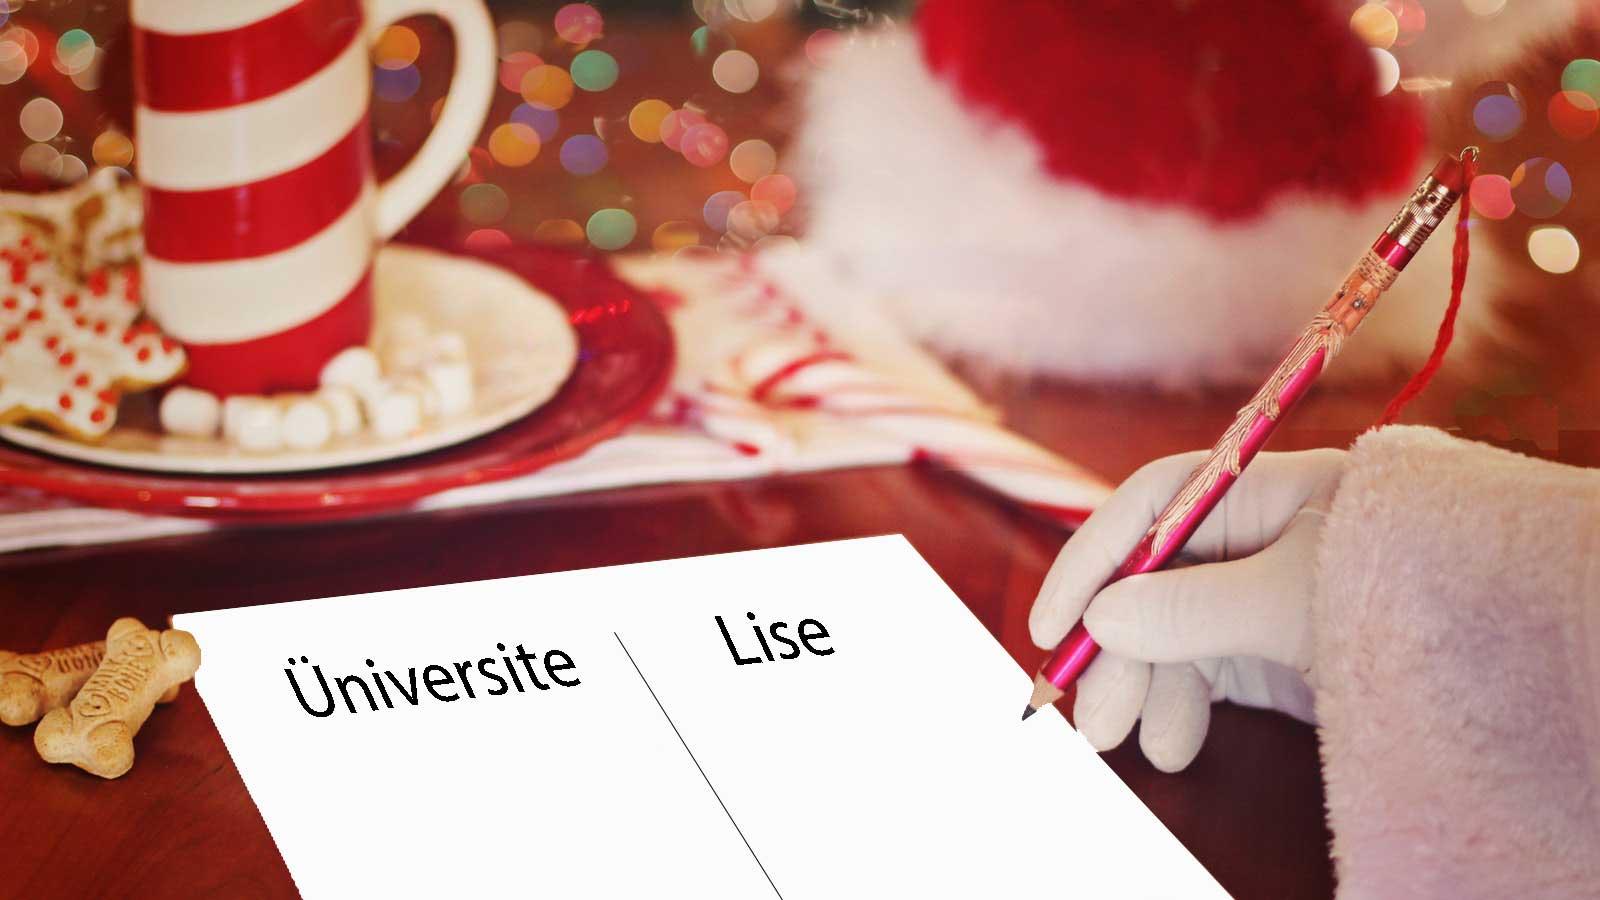 Üniversite Ve Lise Arsındaki 12 Fark!